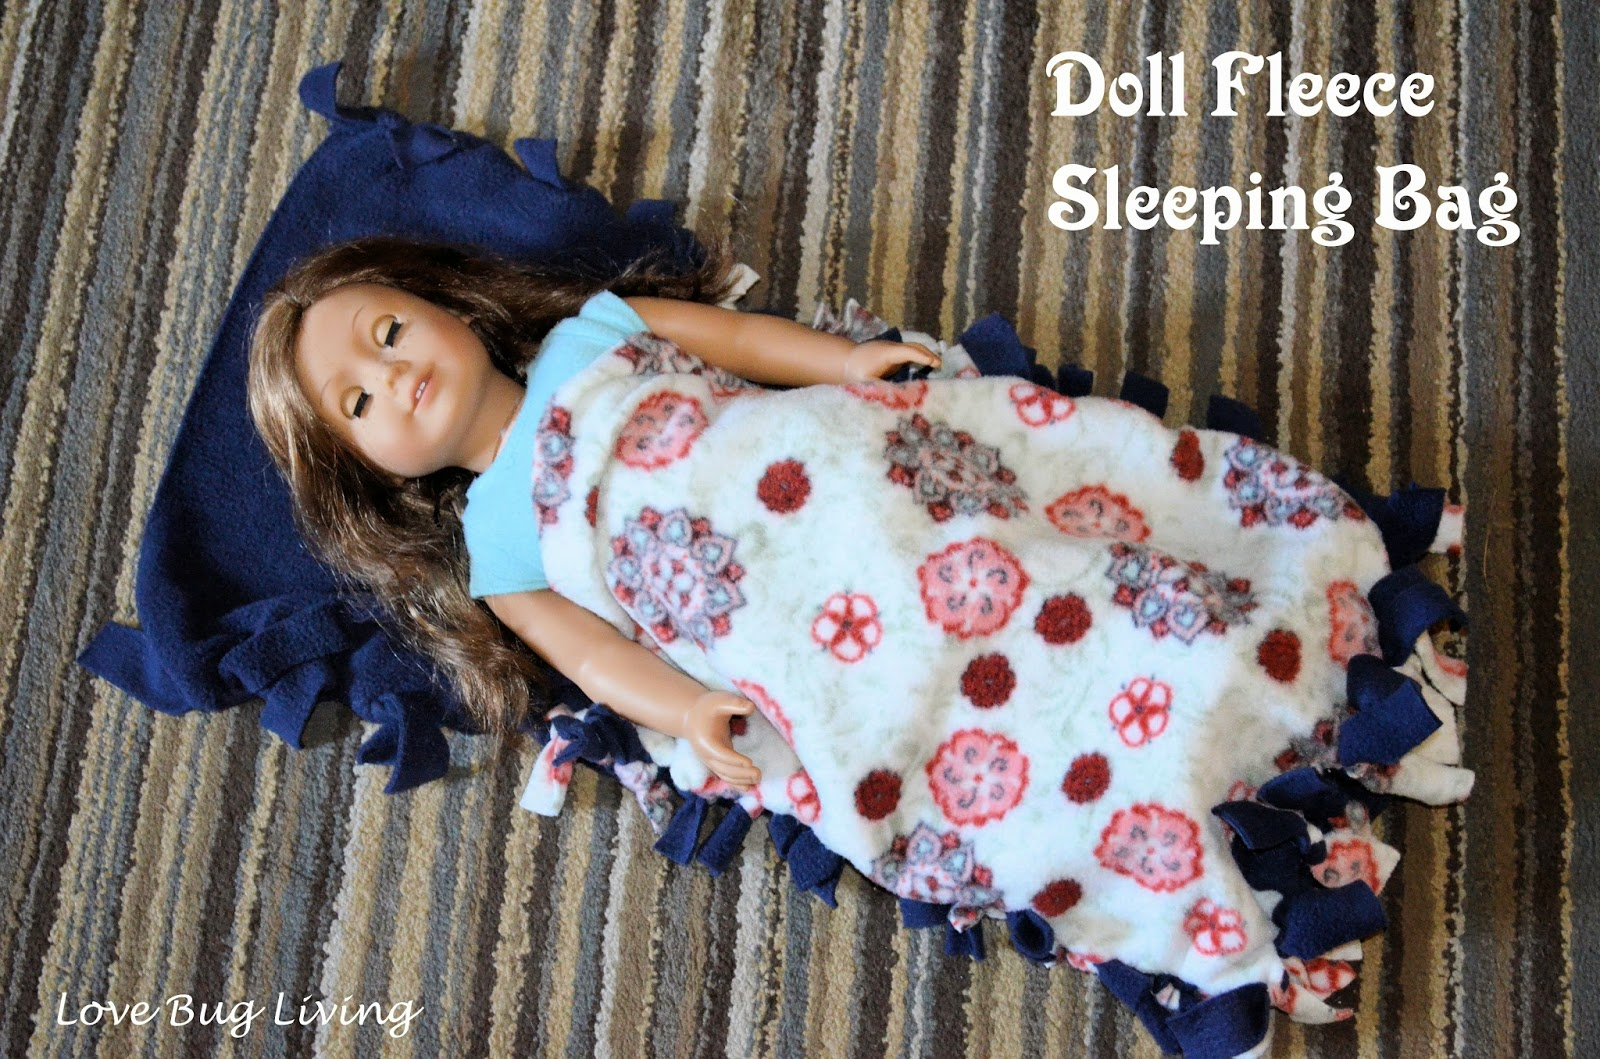 Love Bug Living Sleepover Craft Party With American Girl Fleece Sleeping Bags